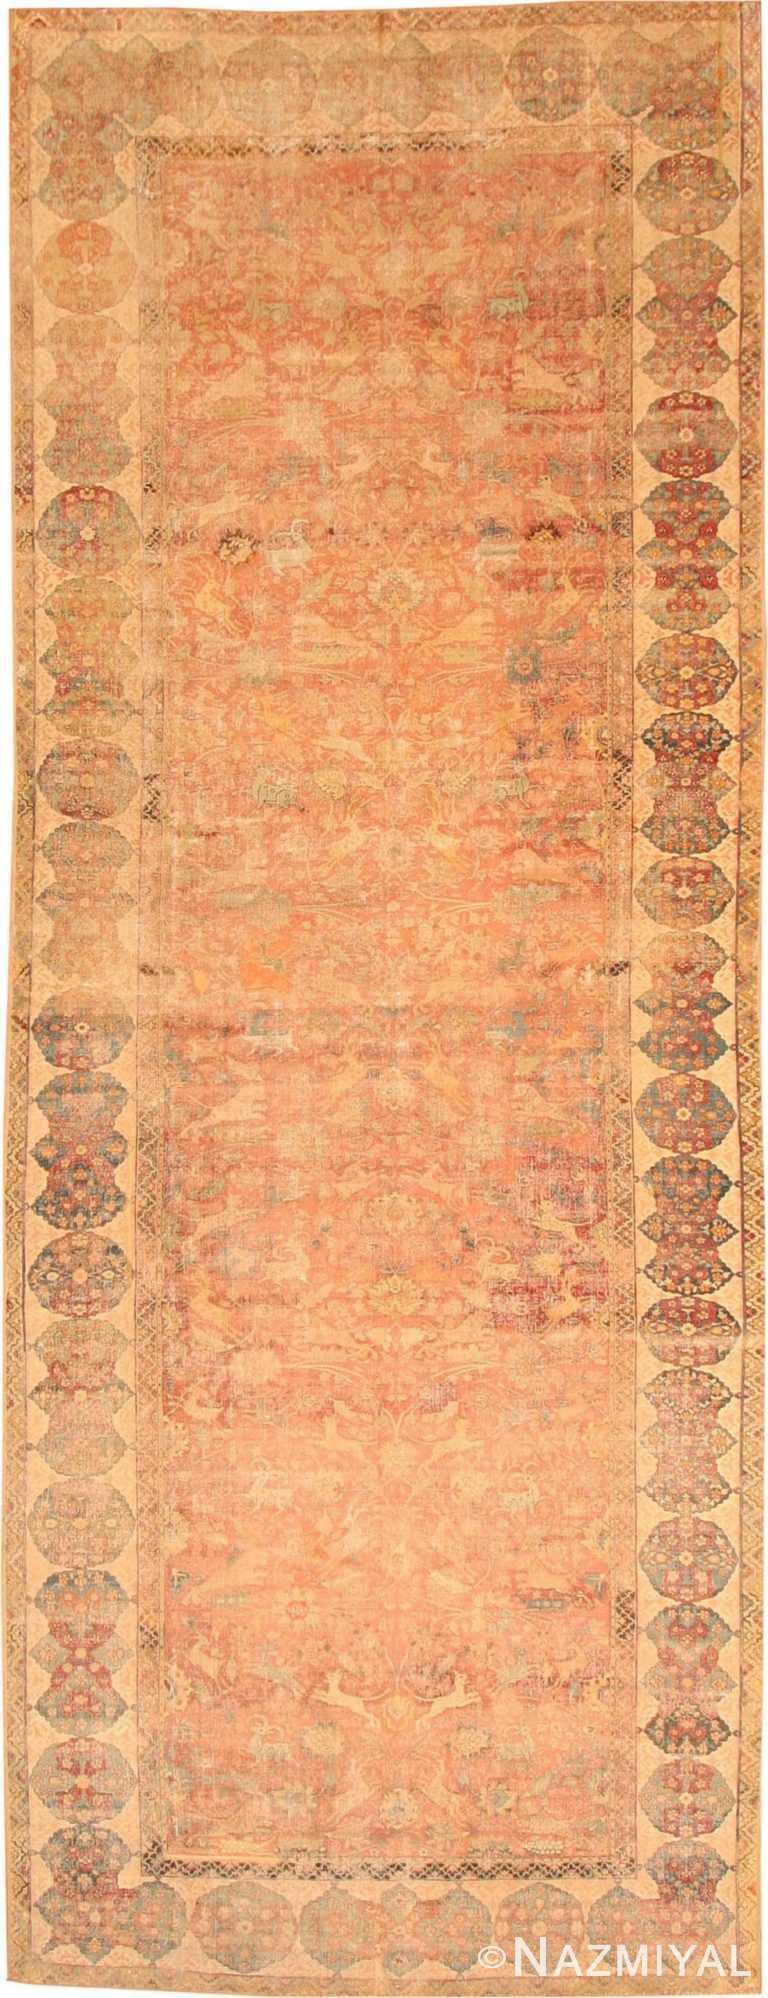 Antique 17th Century Esfahan Persian Rug 3338 Nazmiyal